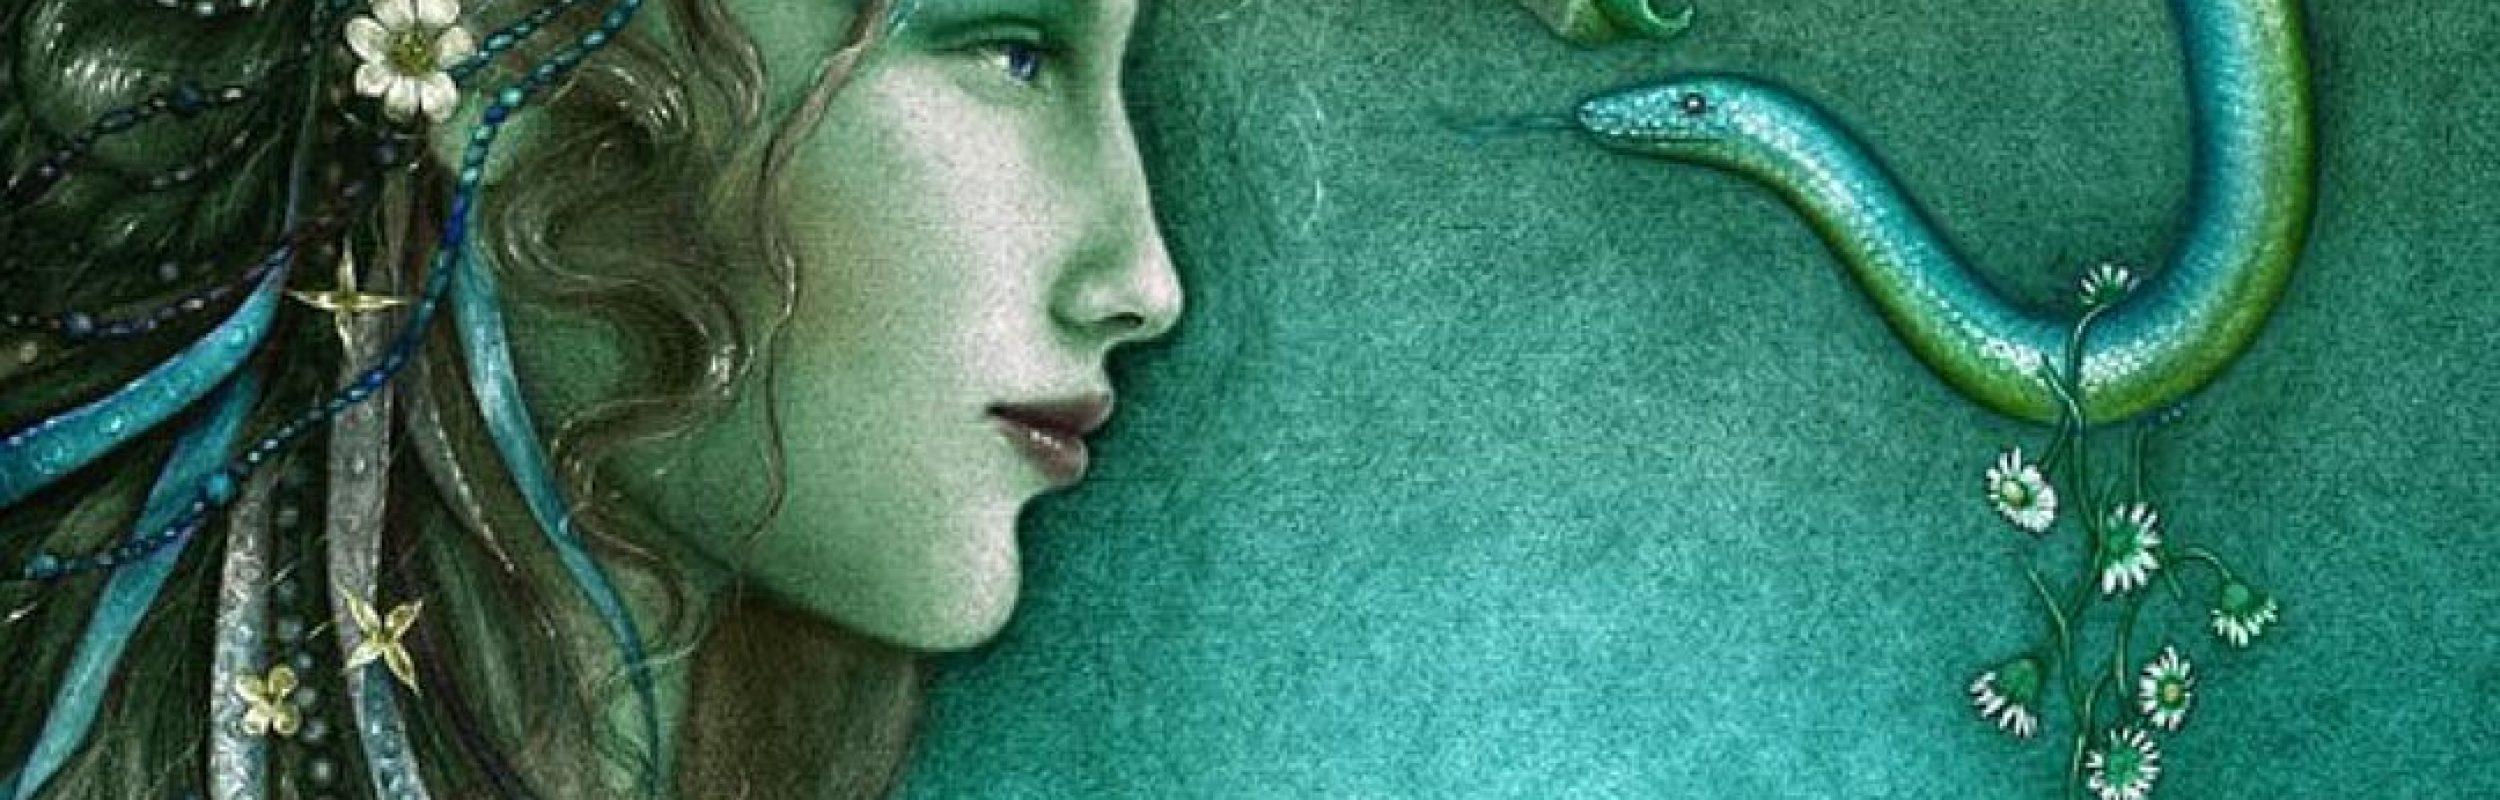 Llamas Gemelas: La programación mental de la diosa, para perder almas de mujeres